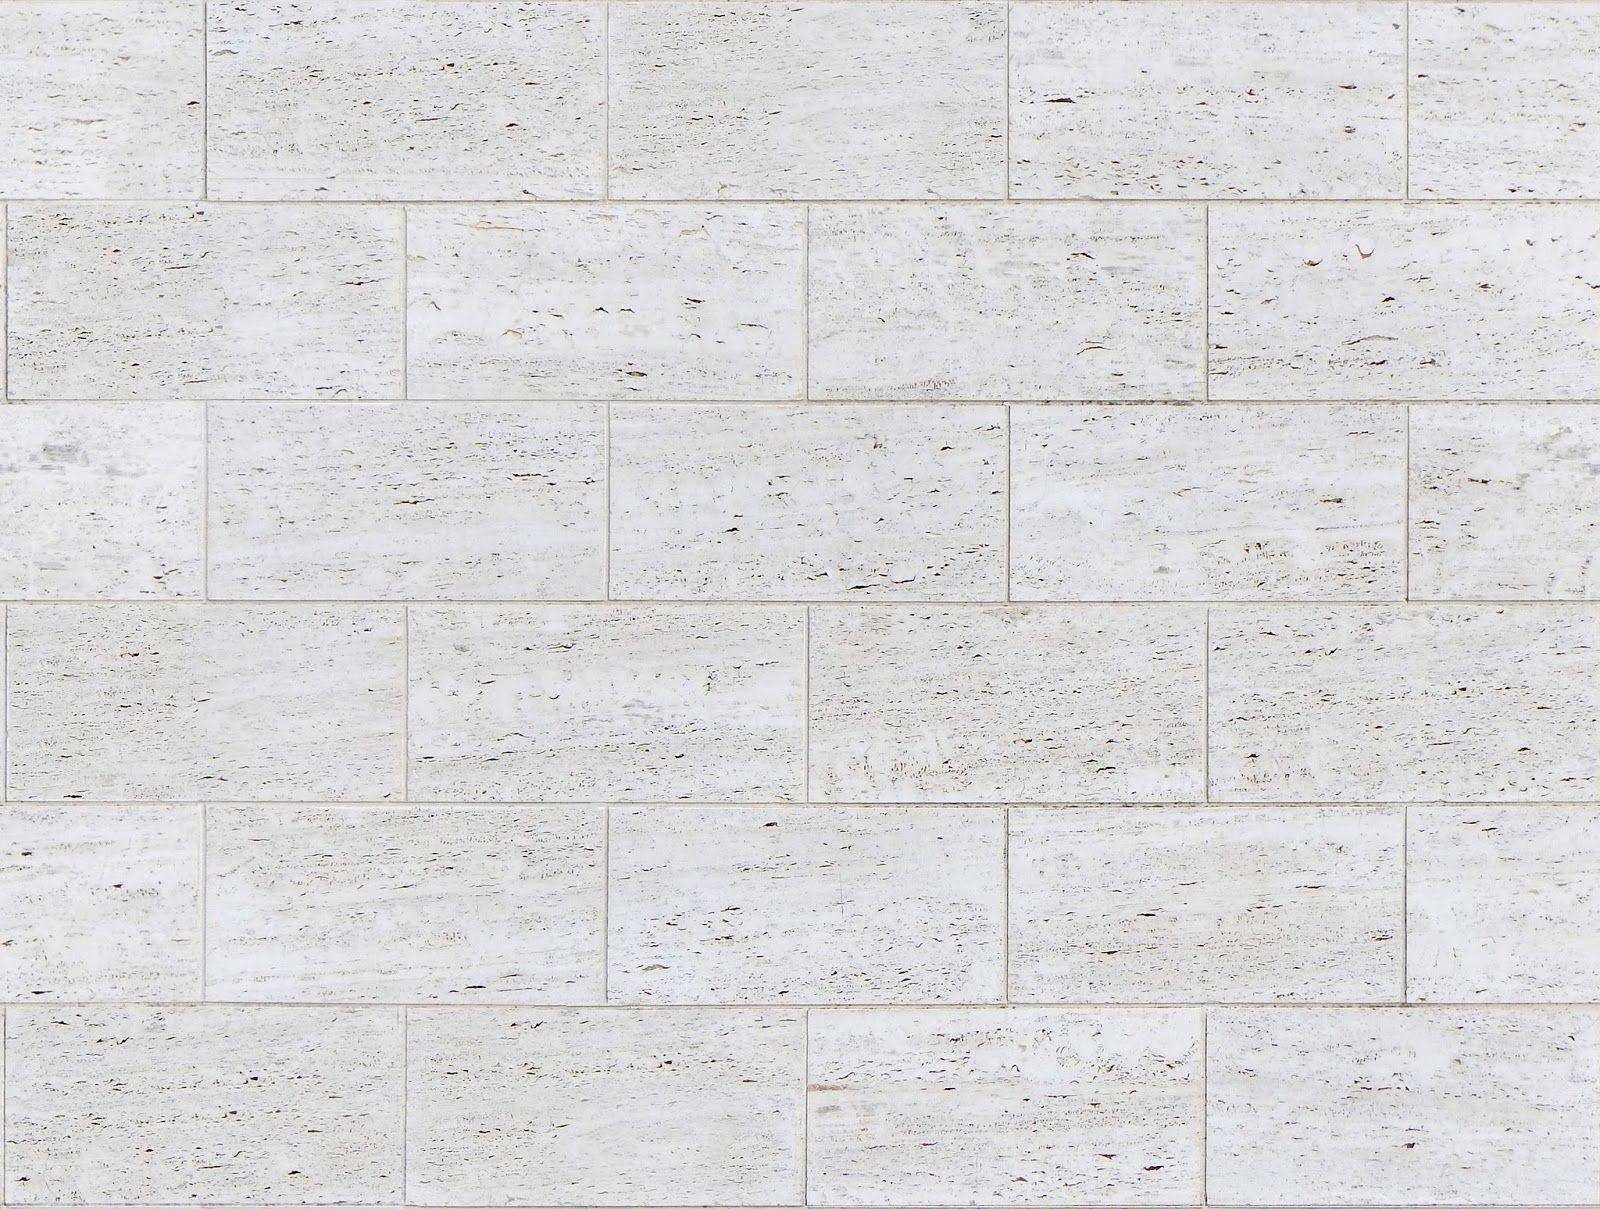 Tileable White Stone Texture